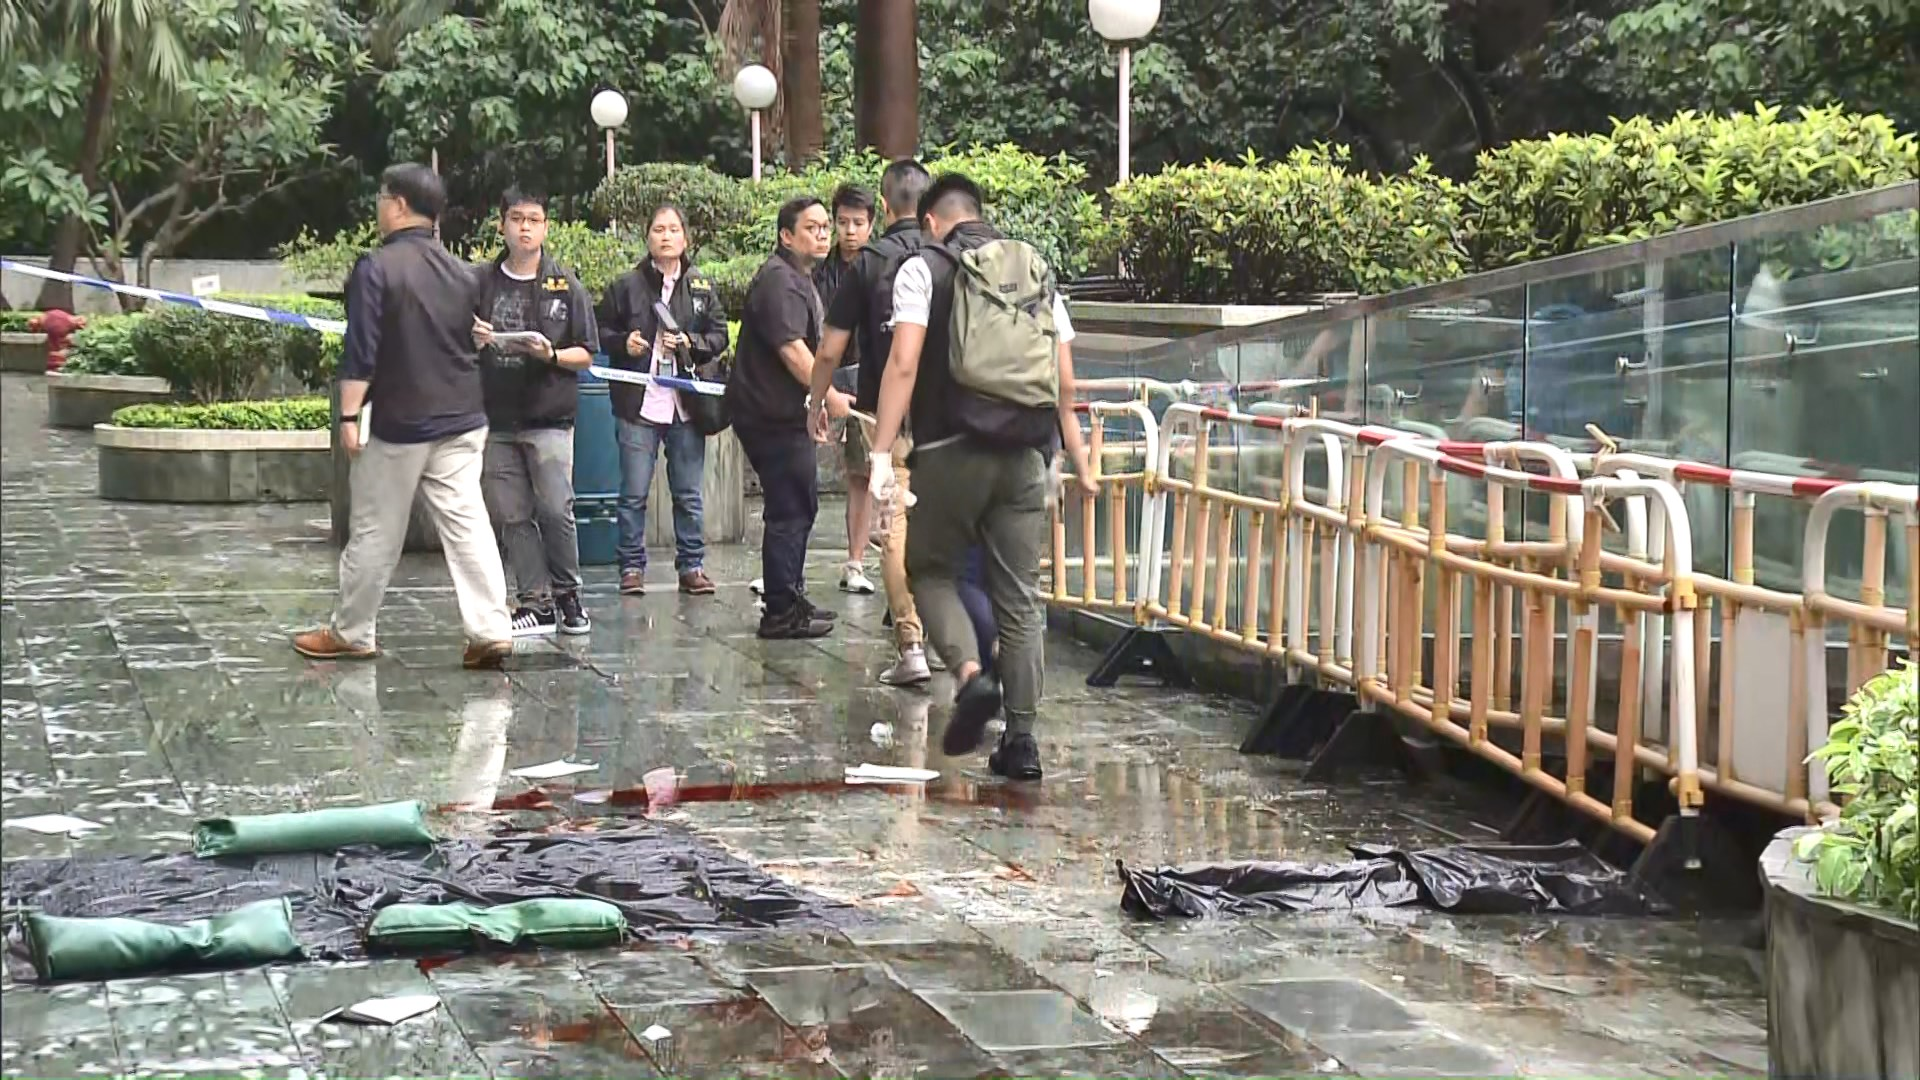 青衣墮鐵架擊斃女途人 男子涉誤殺被捕